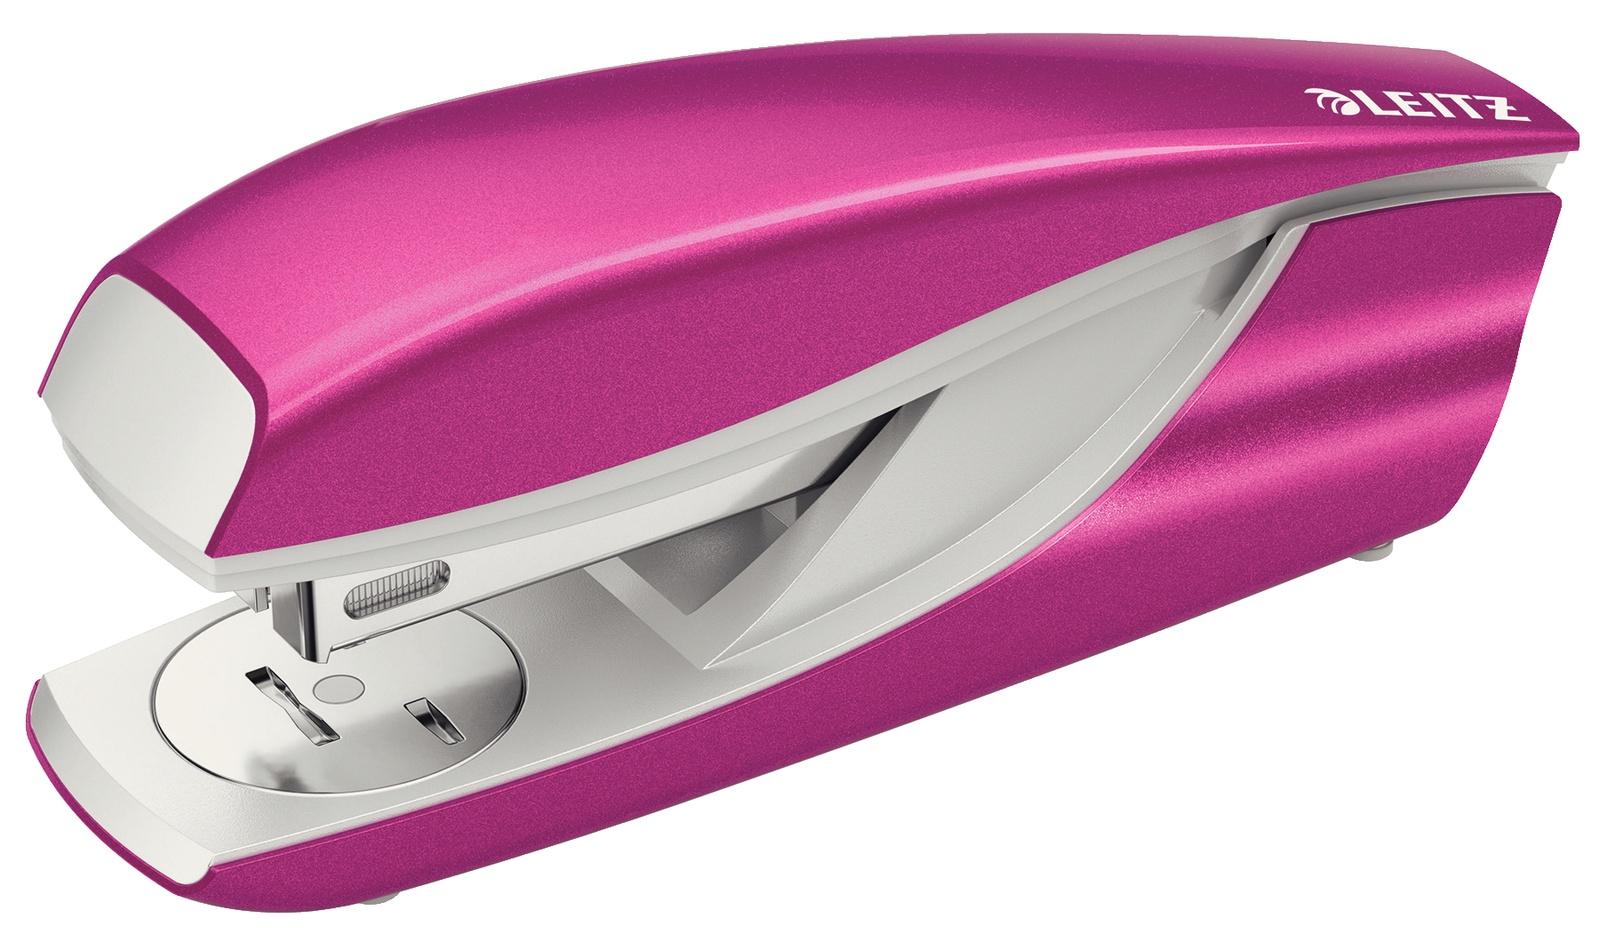 Степлер металлический Leitz NeXXt, 30 листов, розовый металлик, блистер